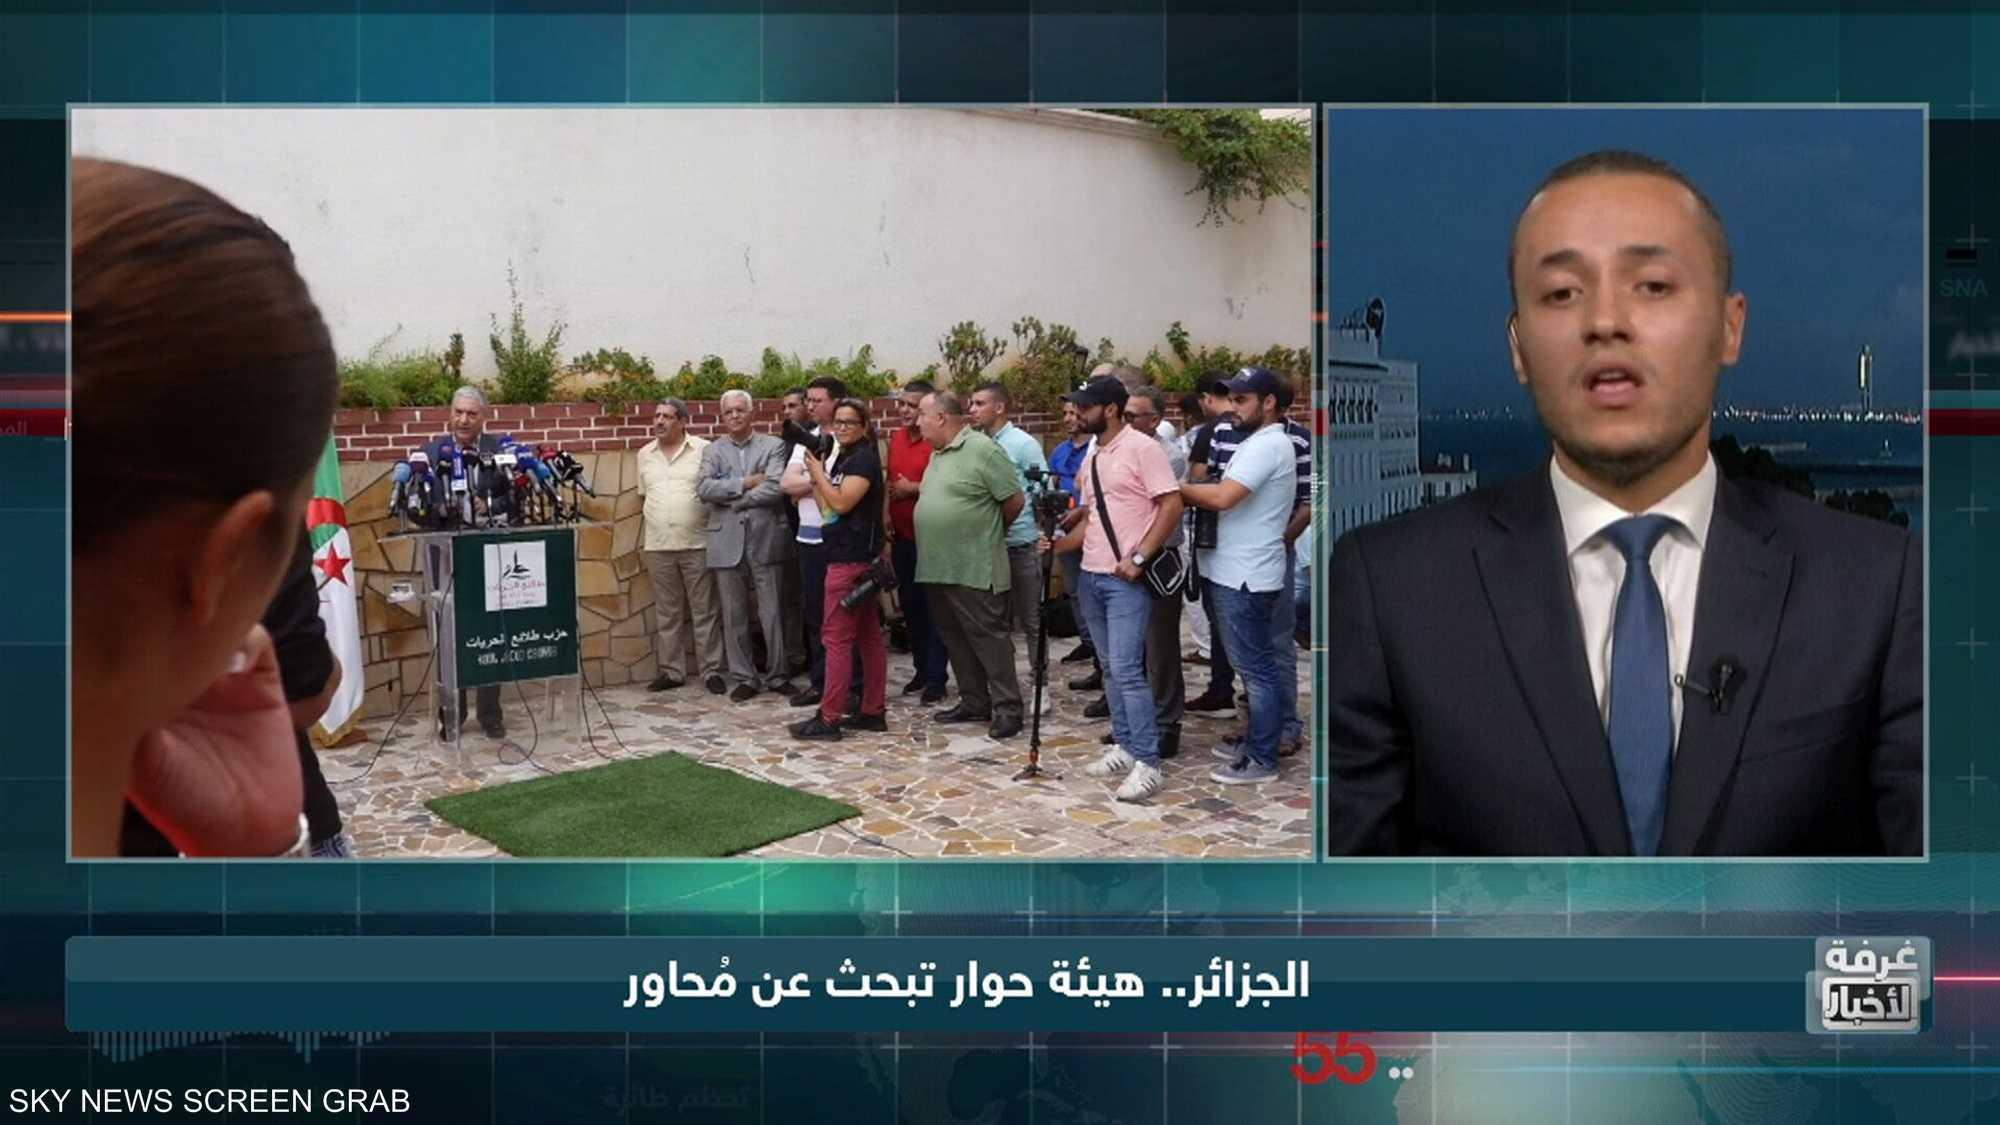 الجزائر.. هيئة حوار تبحث عن مُحاور